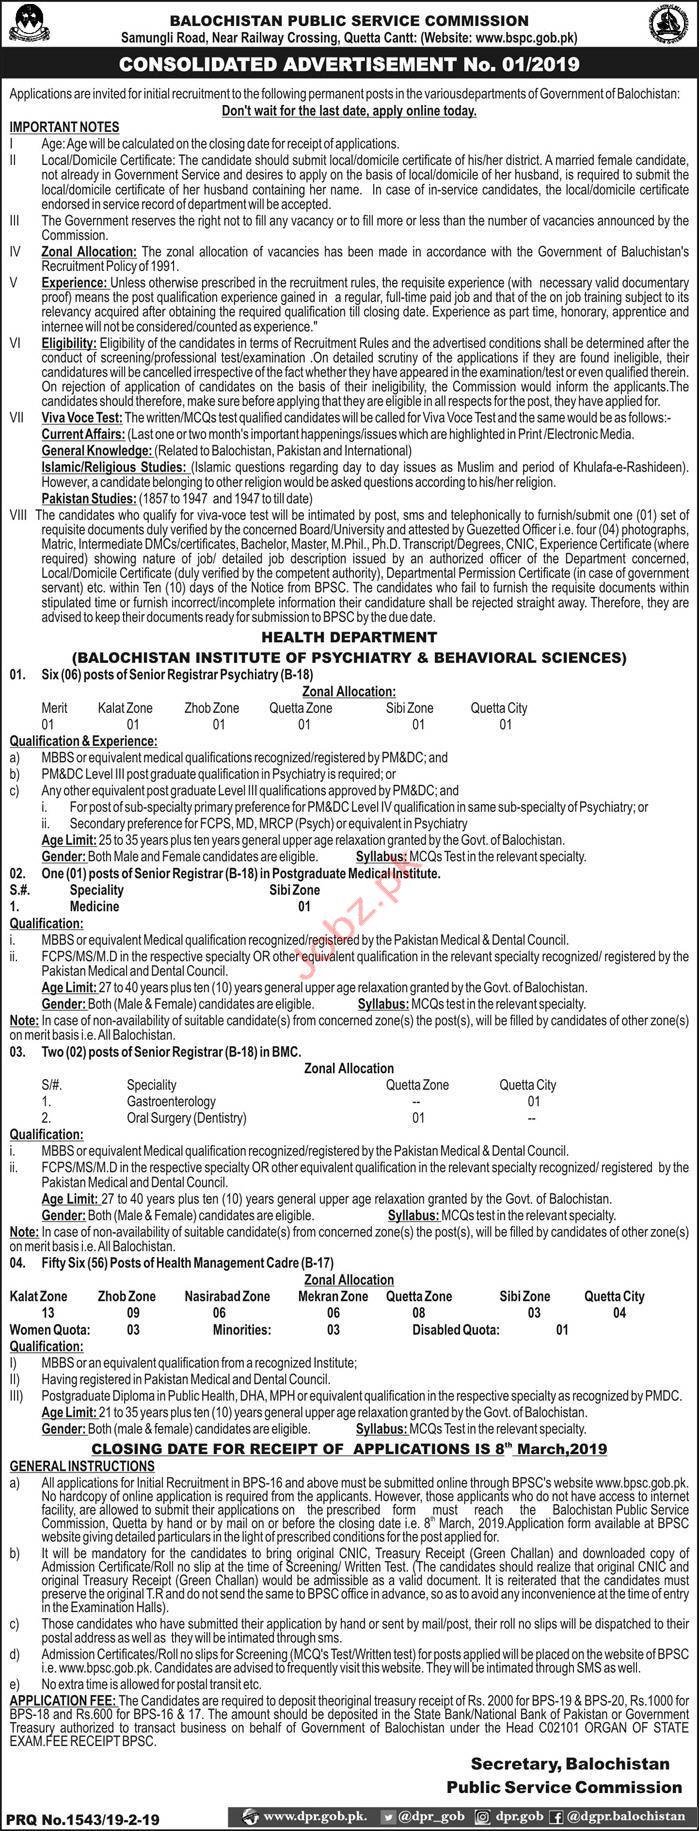 Balochistan Public Service Commission BPSC Jobs 2019